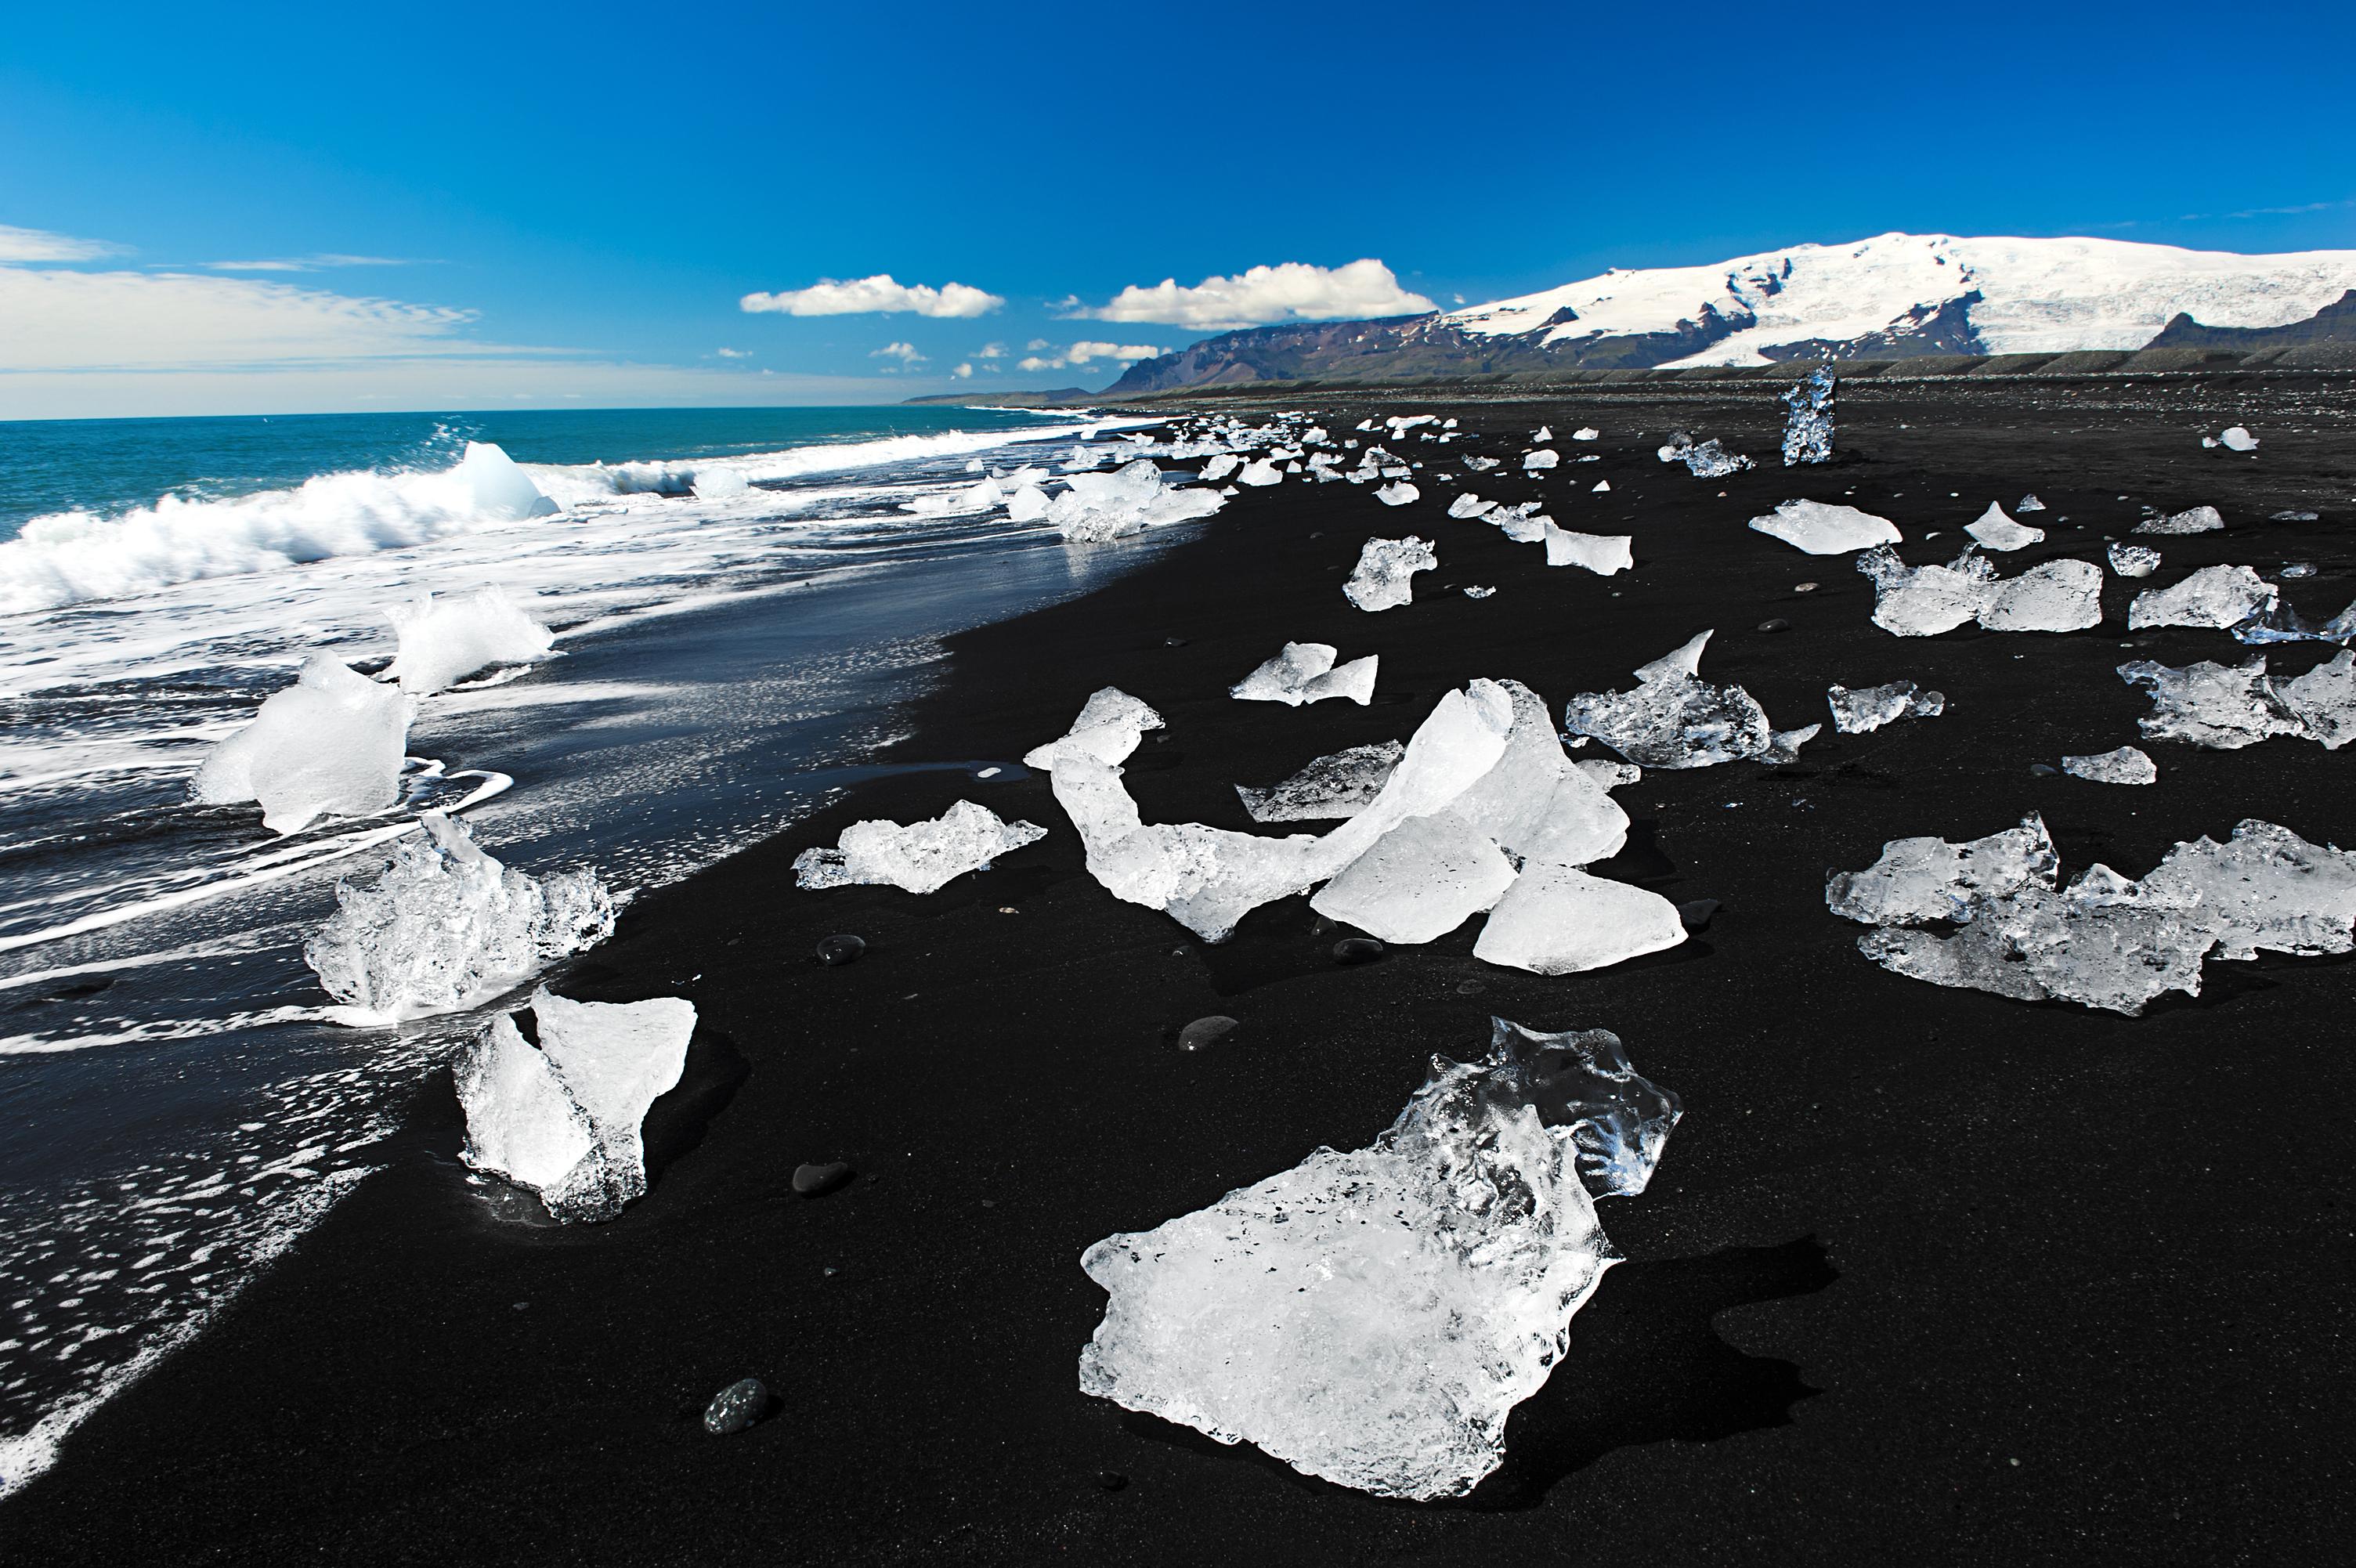 새하얀 빙하가 검에 펼쳐진 모래사장과 대조를 이루는 아이슬란드 남부해안의 다이아몬드 해변